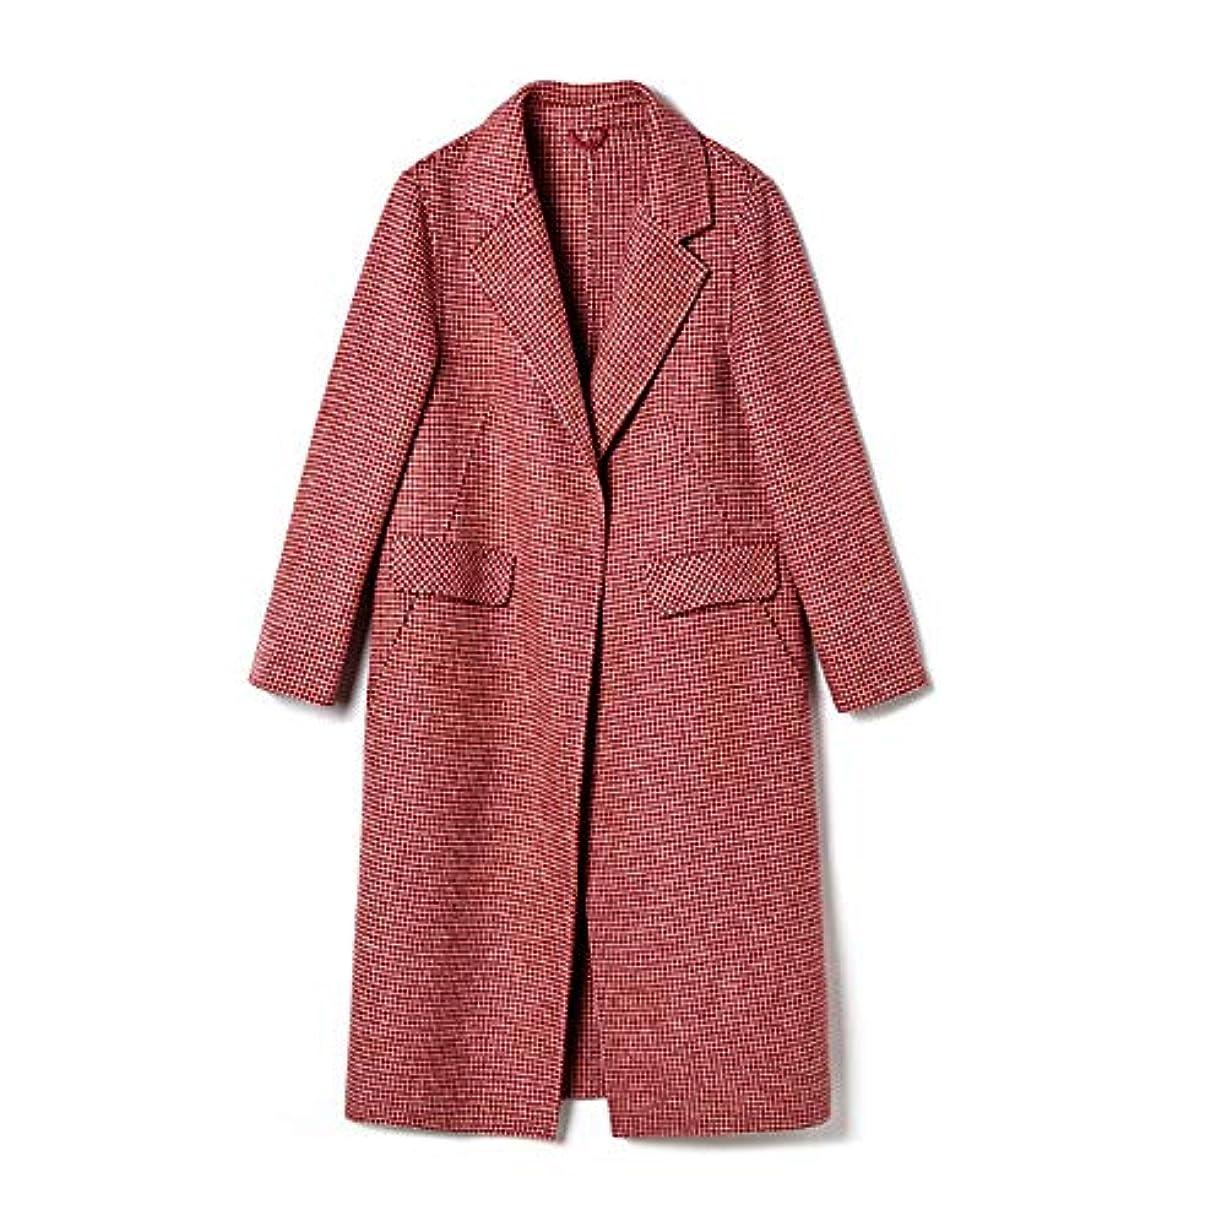 動機最大化する通信する両面カシミヤのコート、長いセクションレディースコートレディースウインドブレーカージャケット女性の秋と冬人気のウールウールコート,M